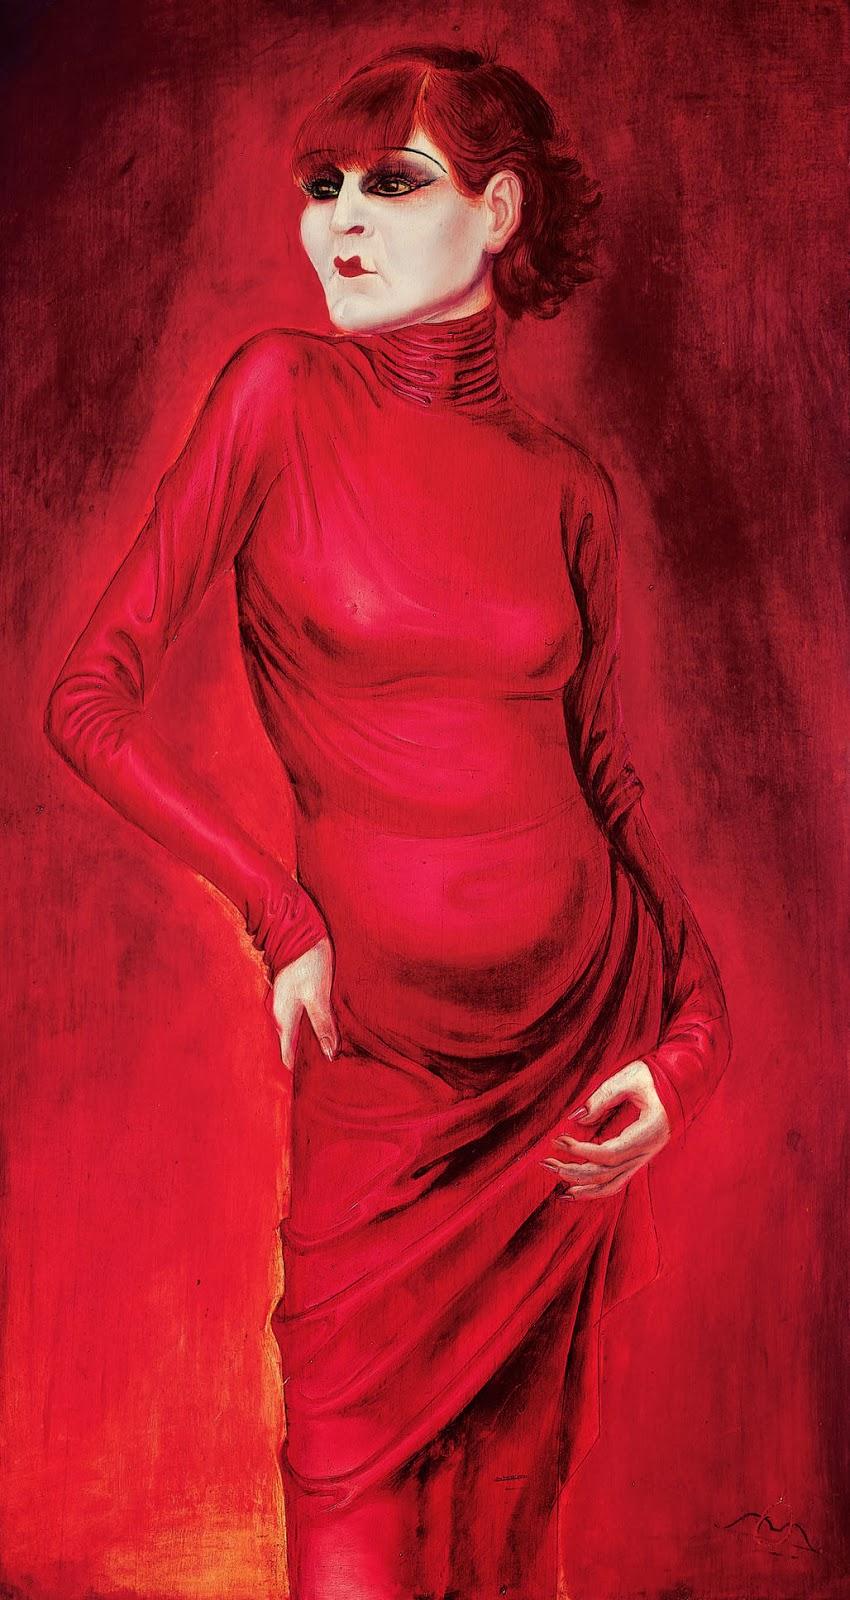 Otto Dix's 1925 portrait of Anita Berber.